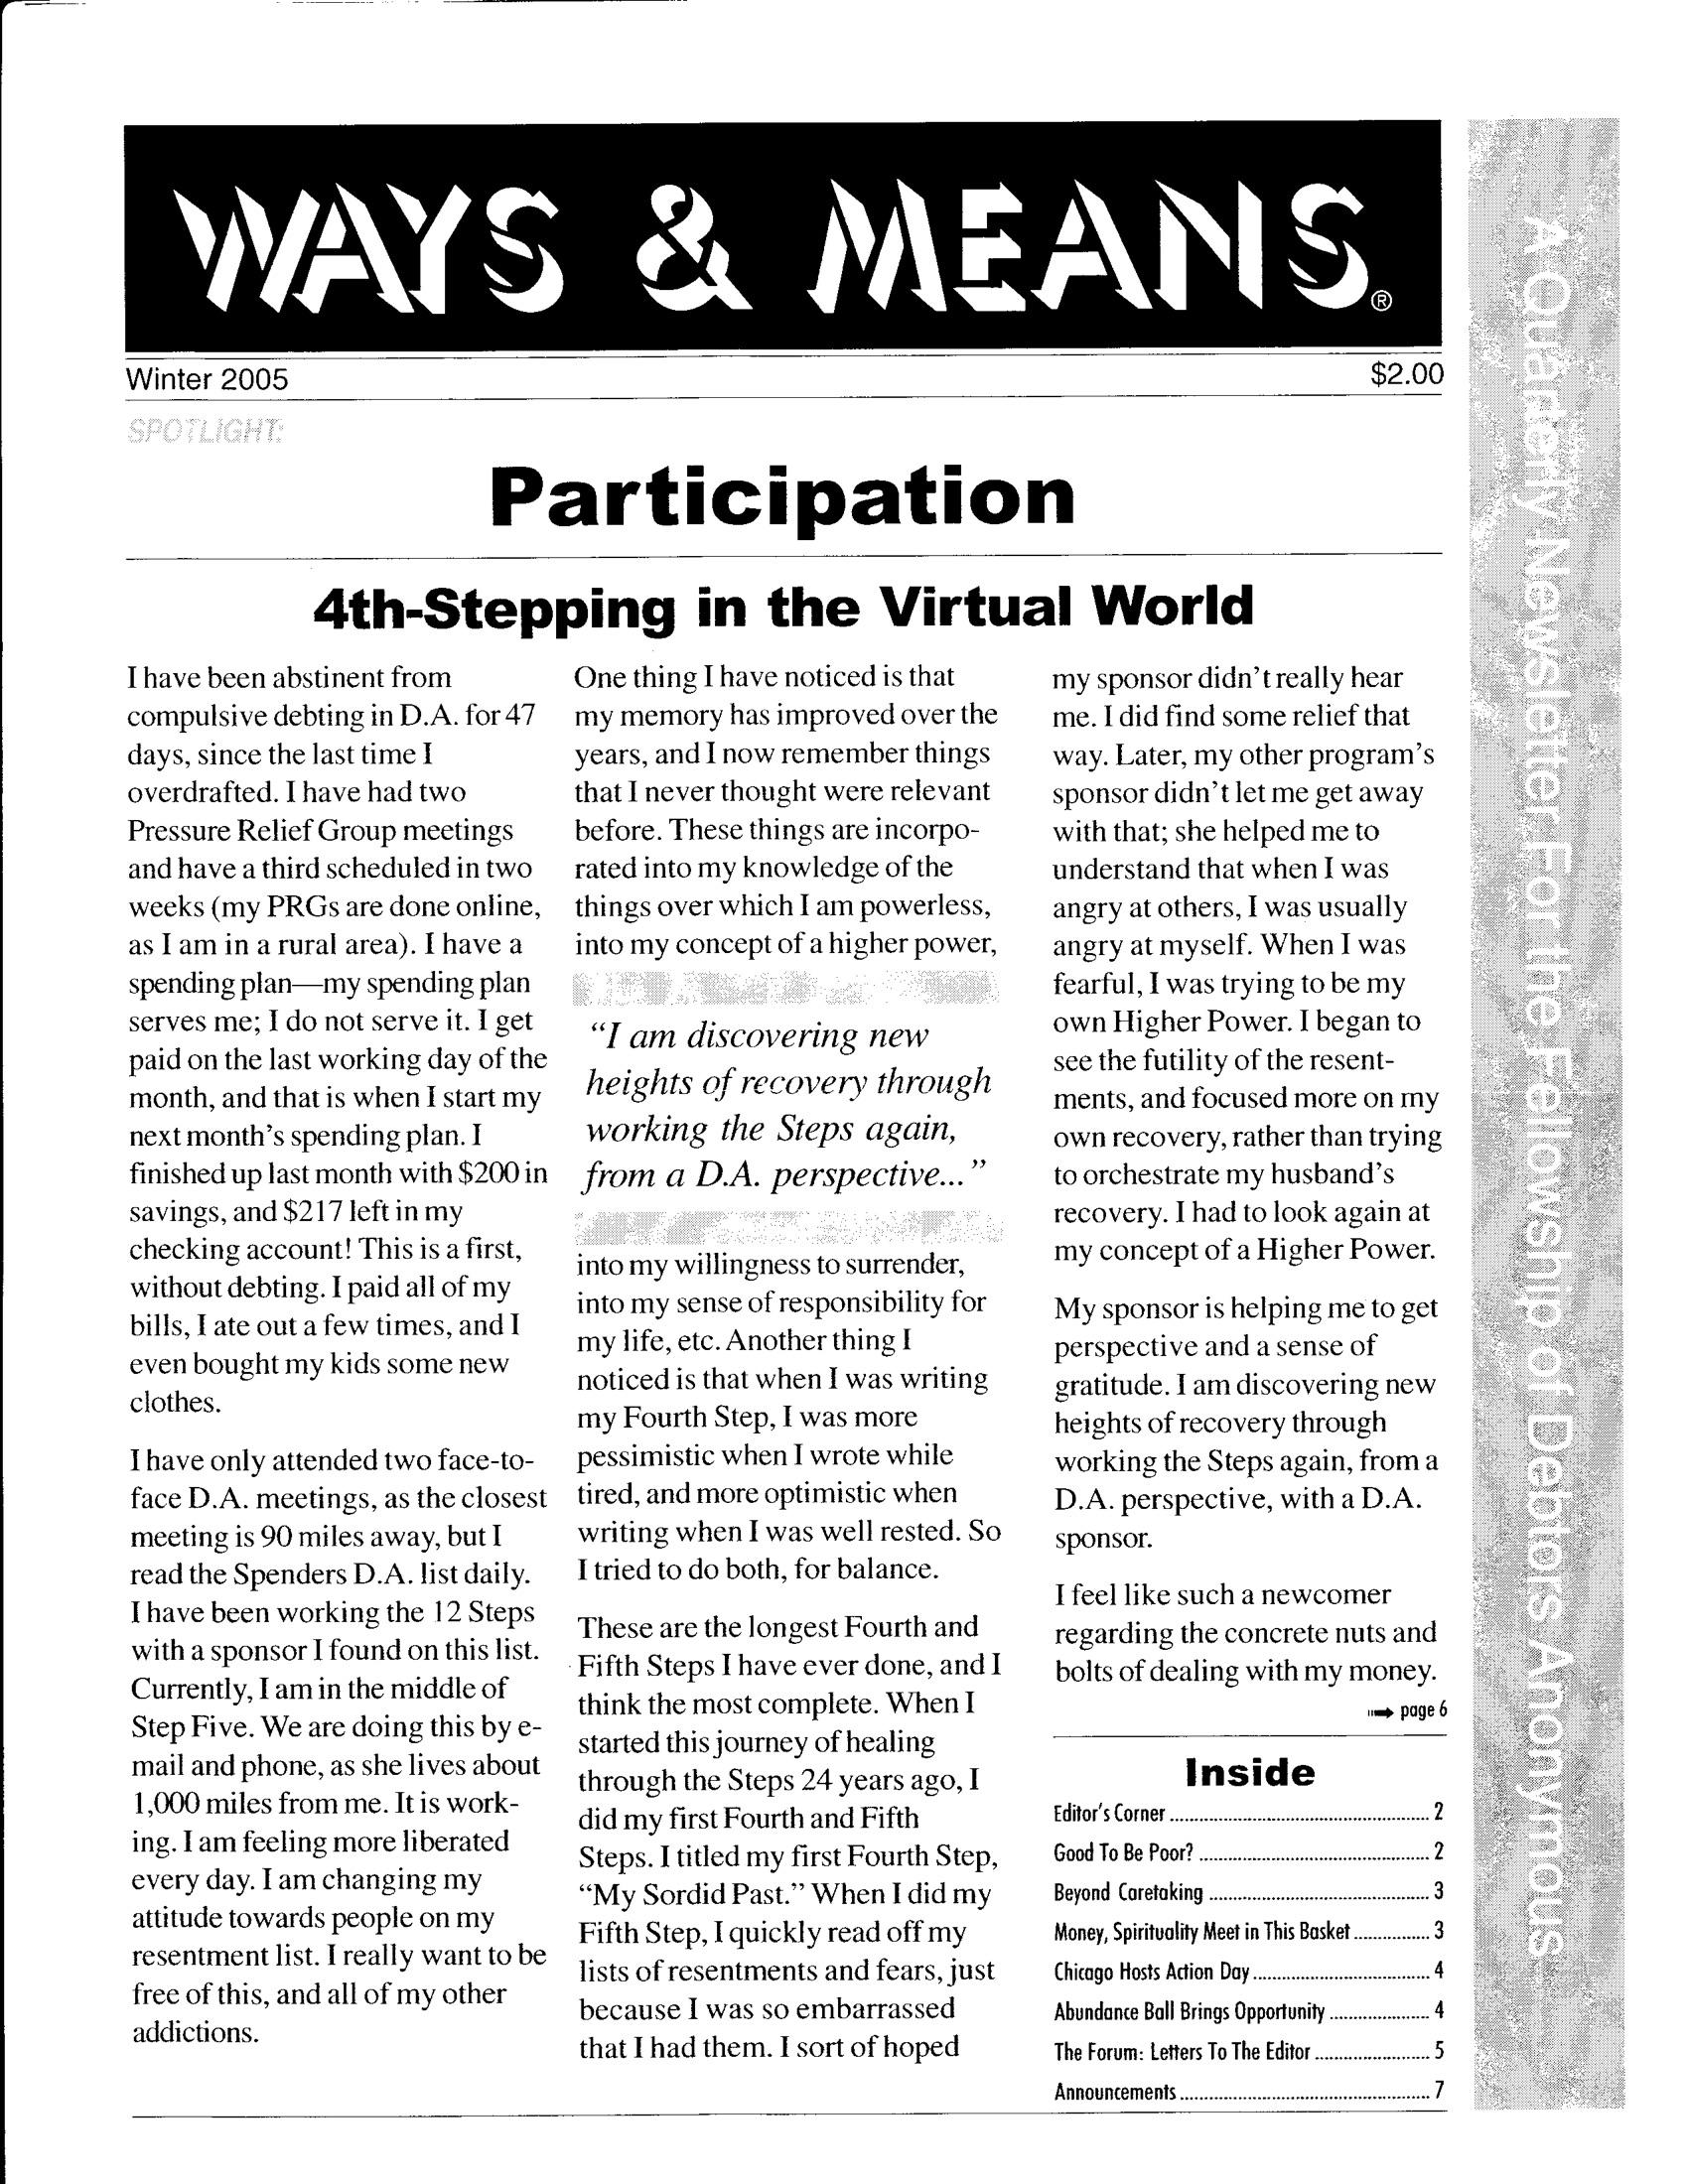 Ways & Means 1st QTR 2005